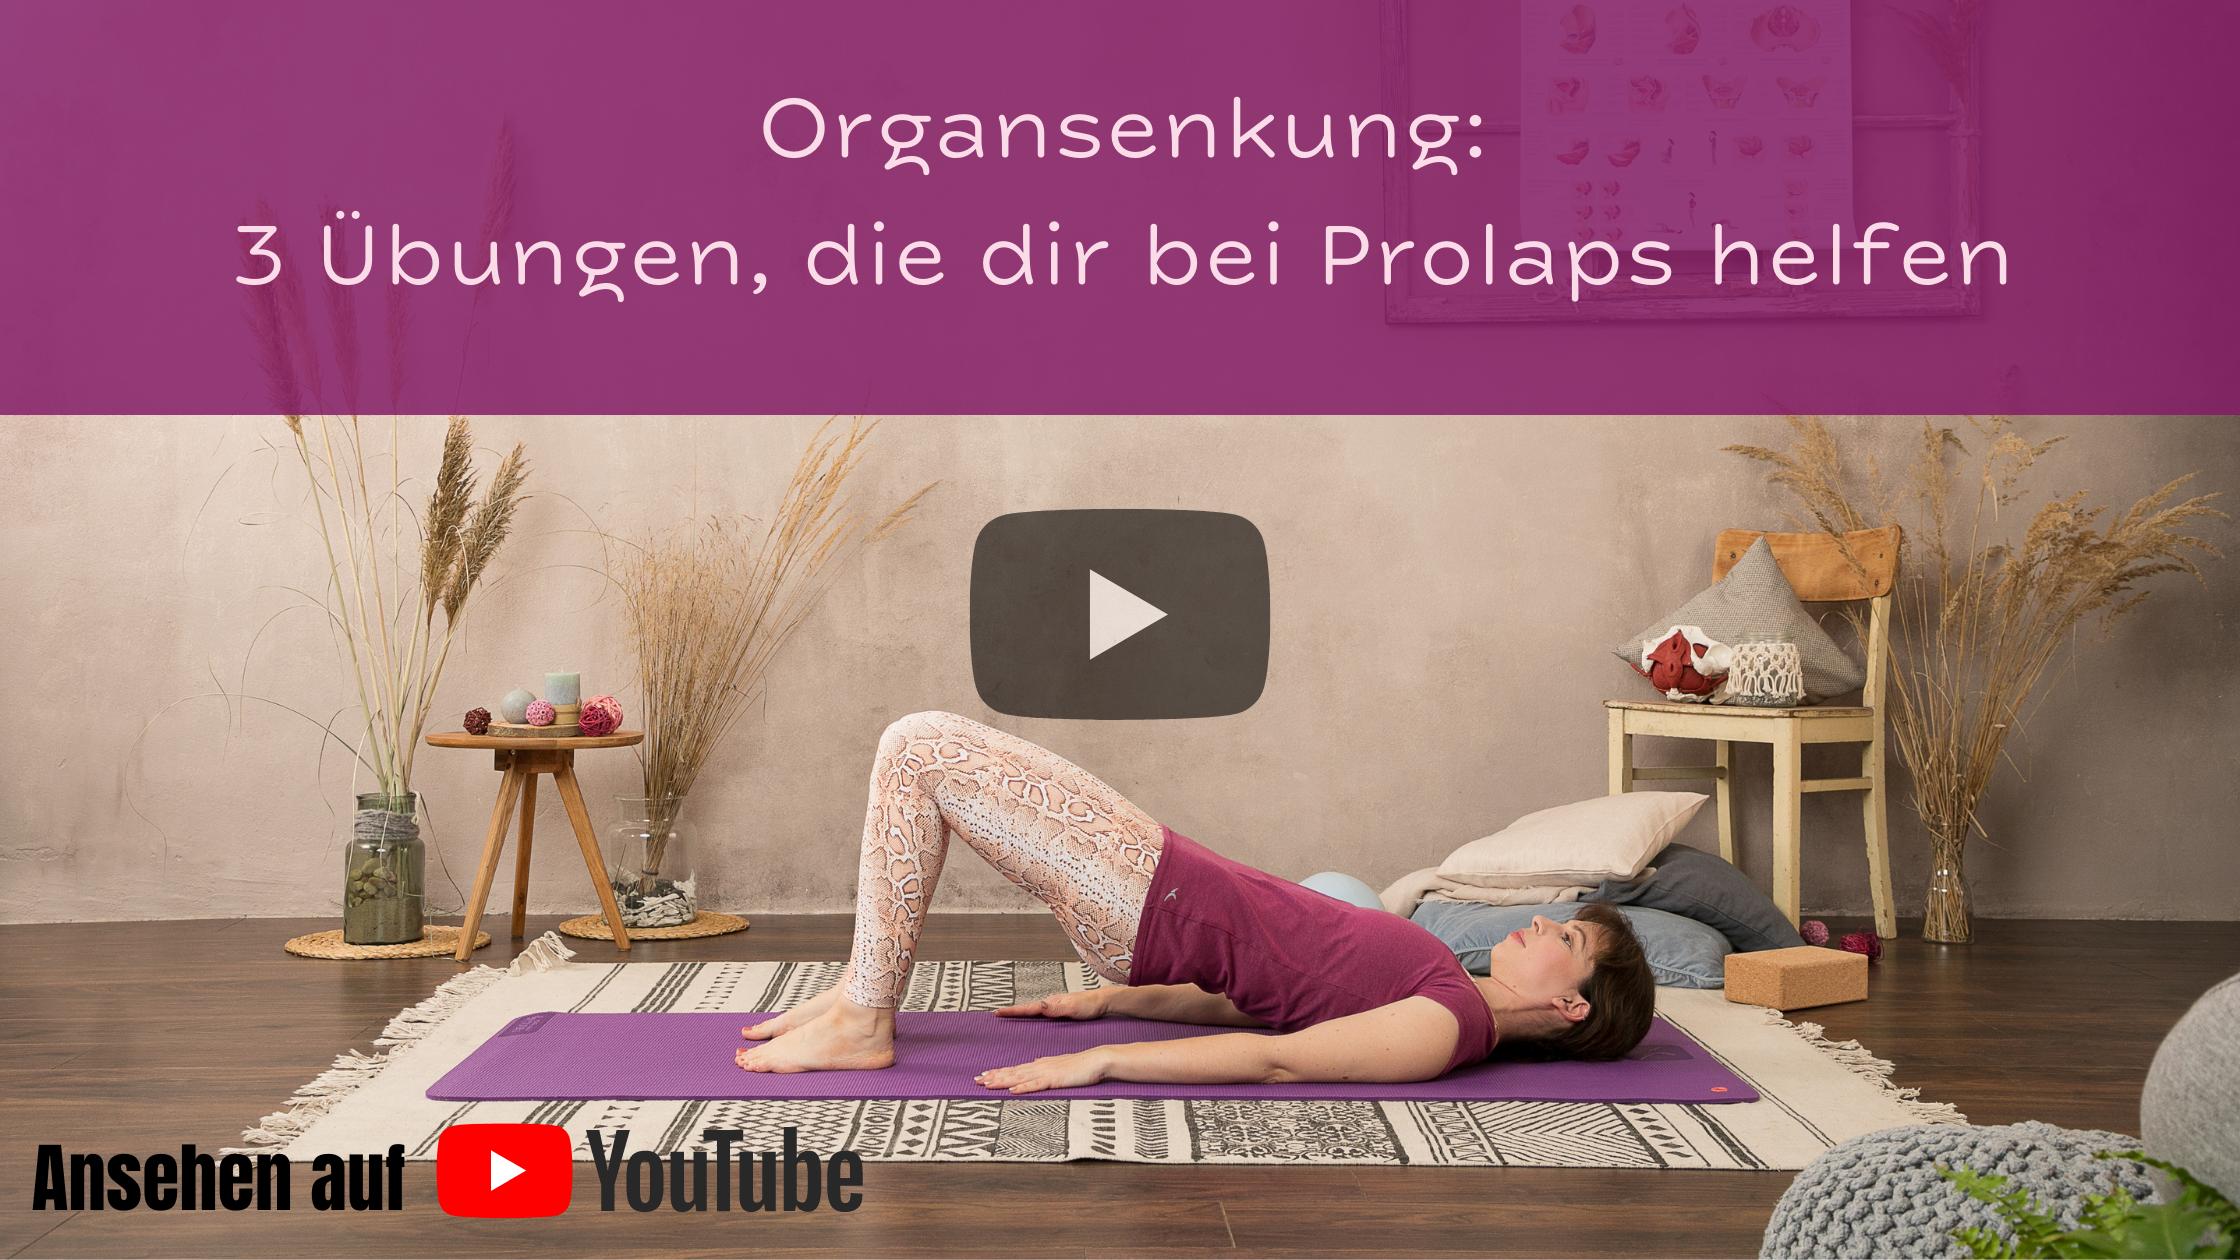 Video: Welche Übungen helfen bei Organsenkung?